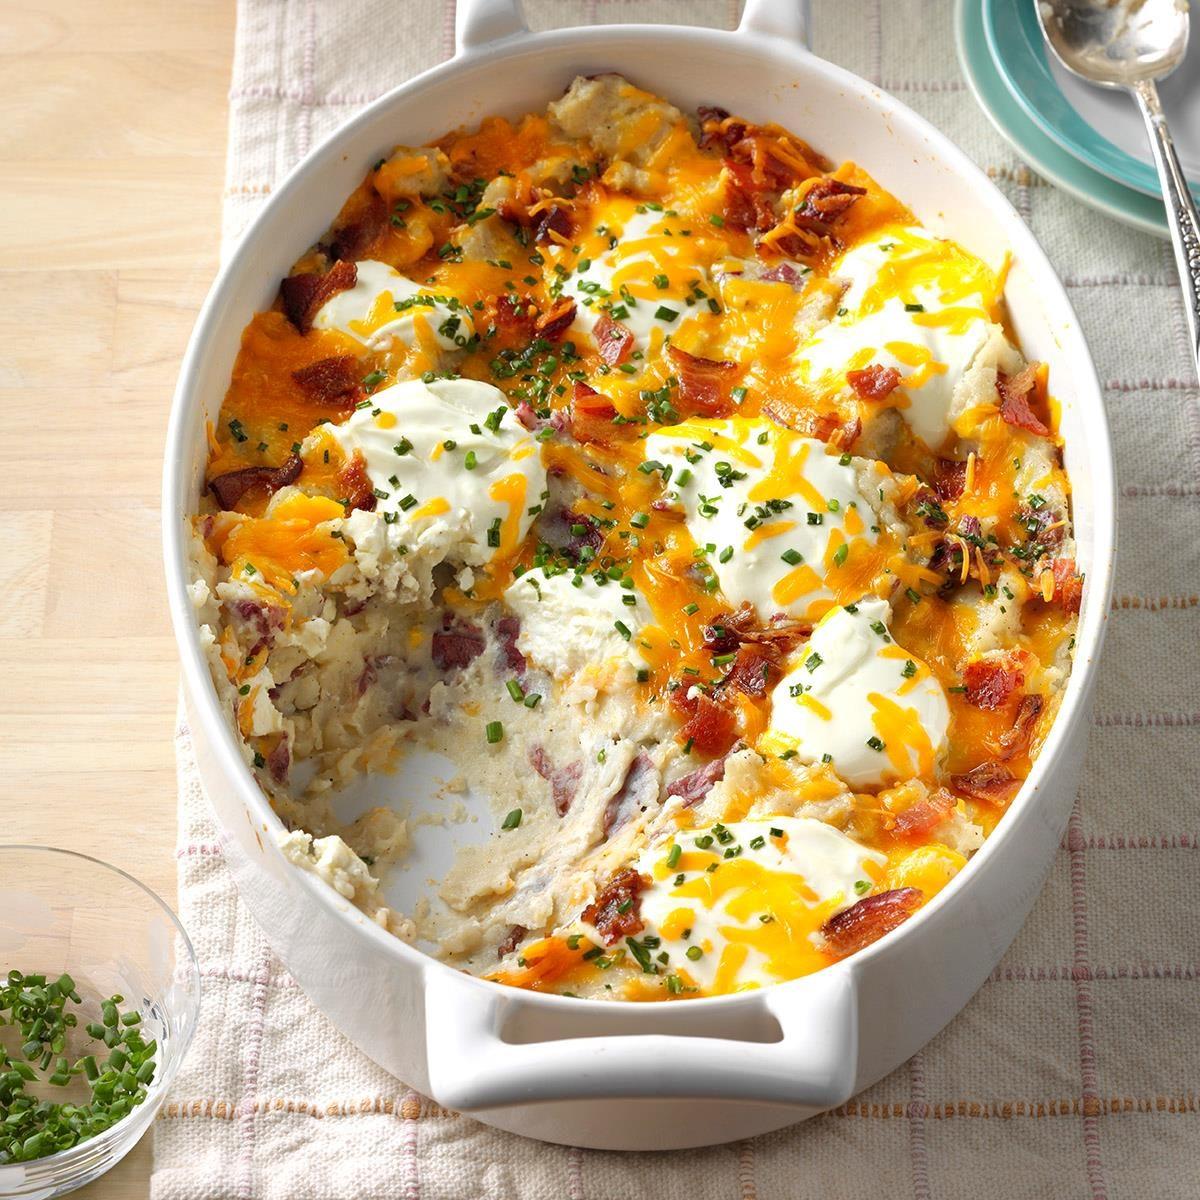 Loaded Breakfast Casserole: Loaded Red Potato Casserole Recipe